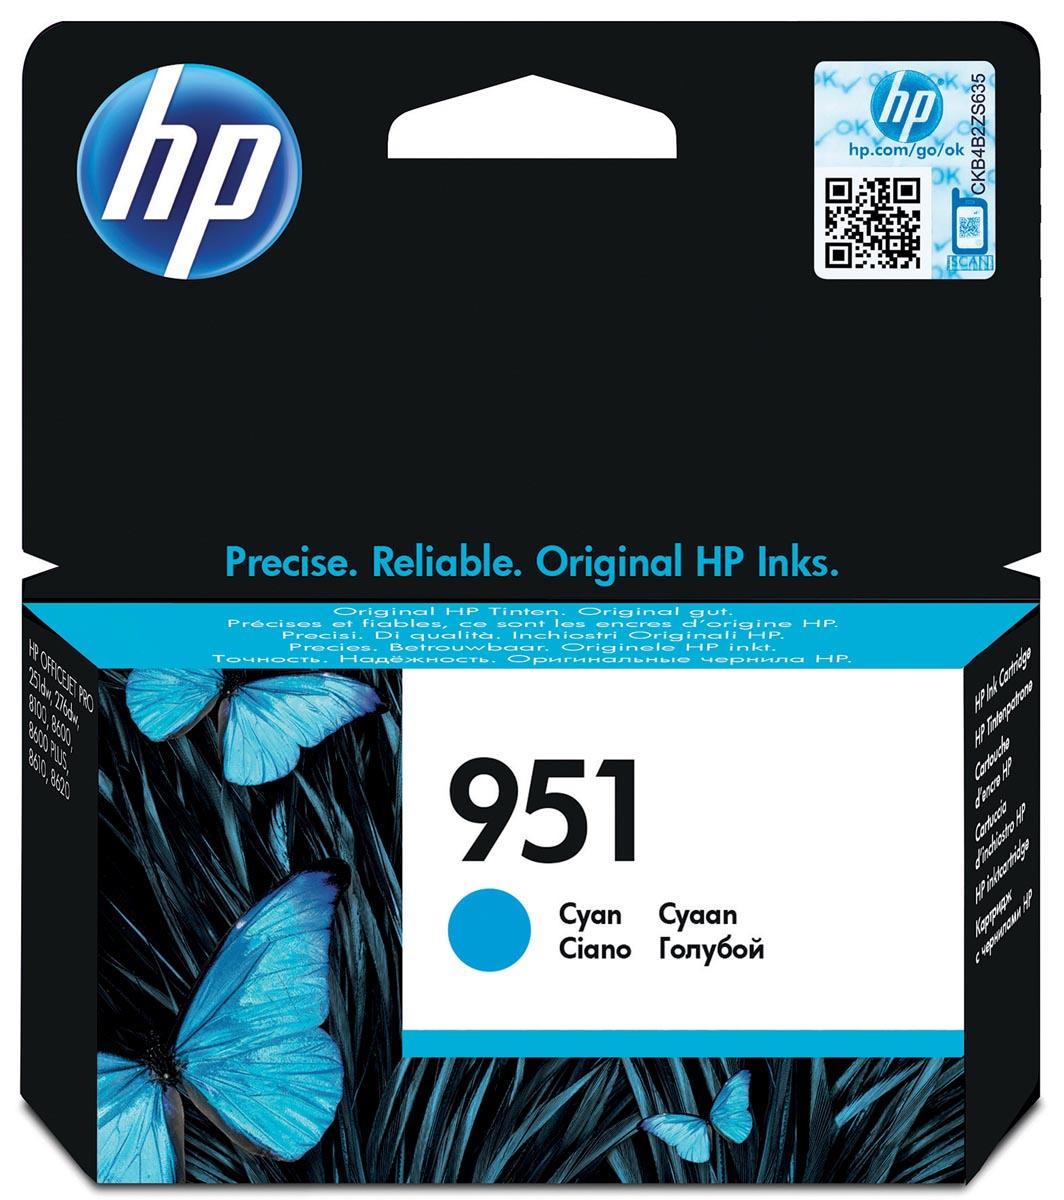 HP inktcartridge 951, 700 paginas, OEM CN050AE, cyaan